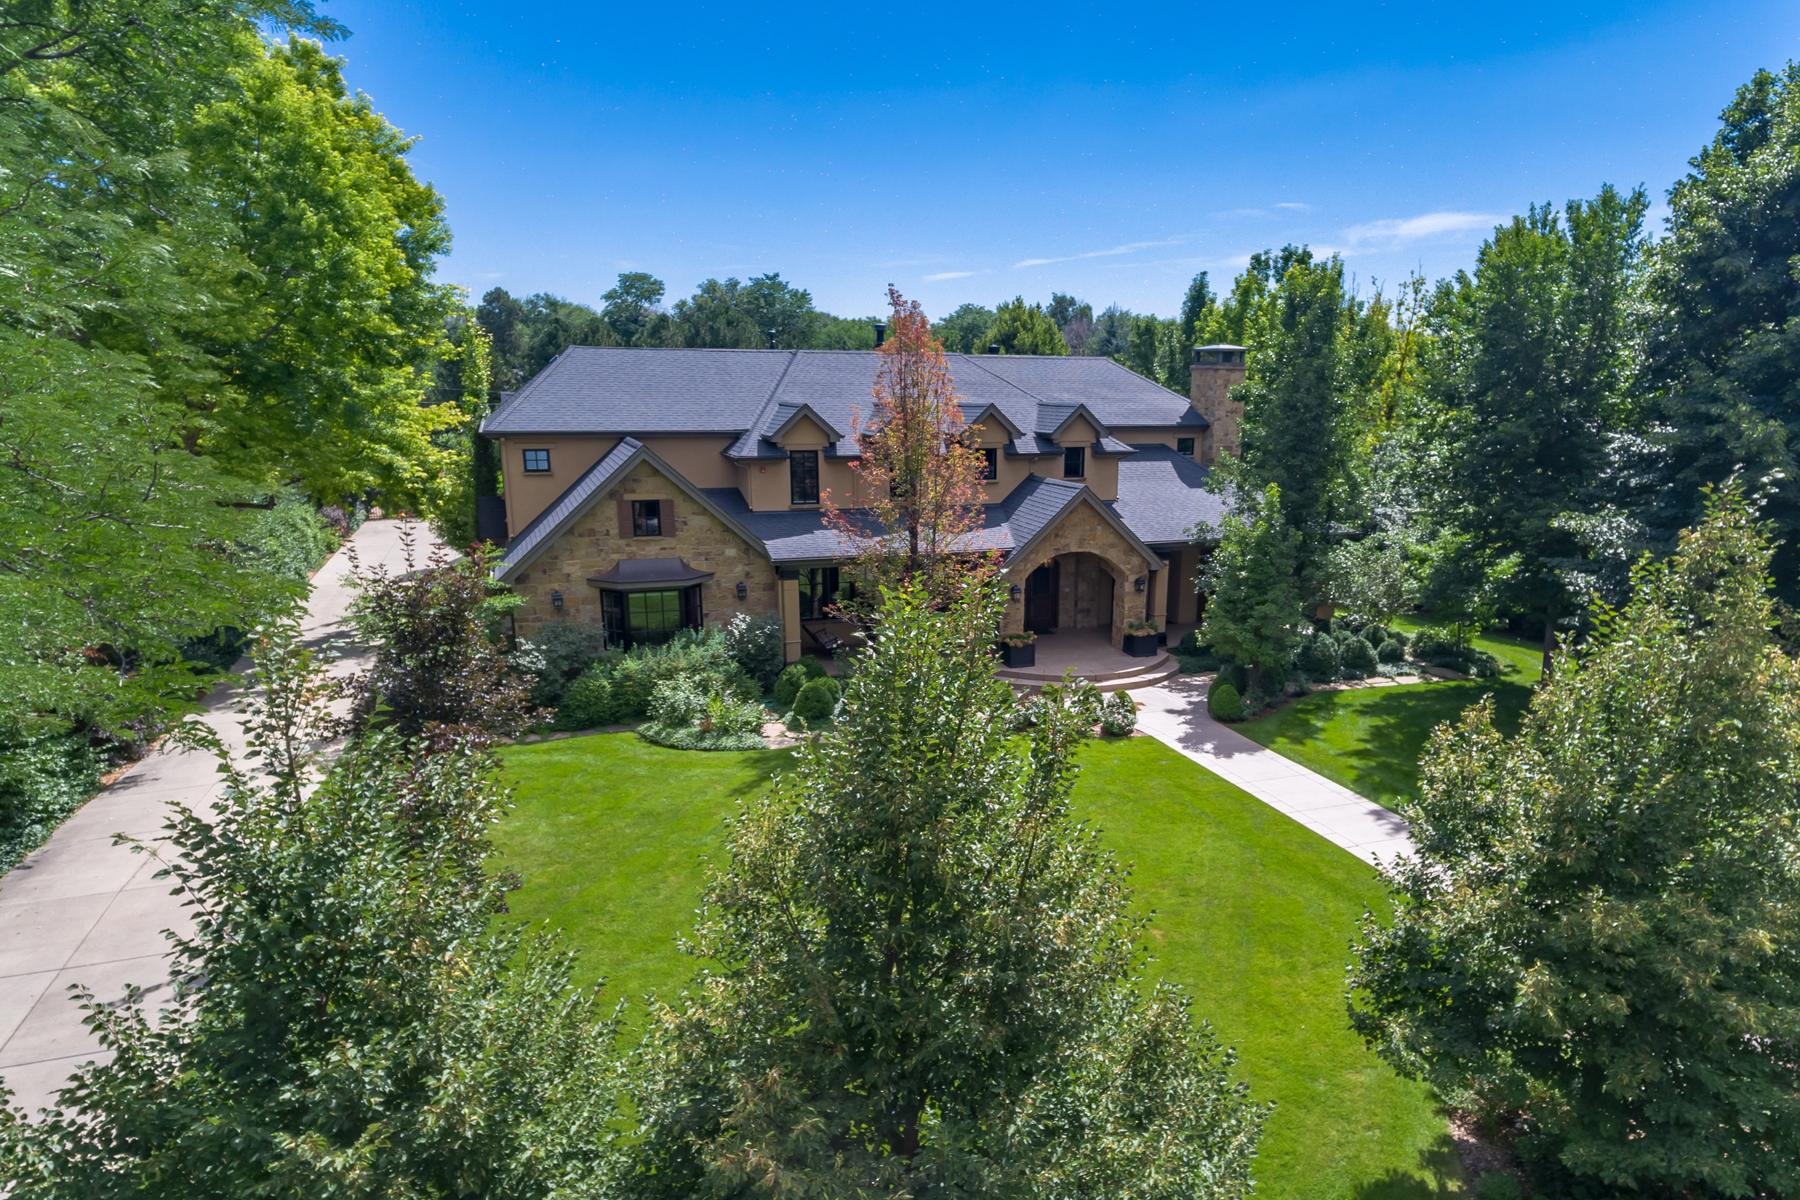 Propiedad en venta Cherry Hills Village